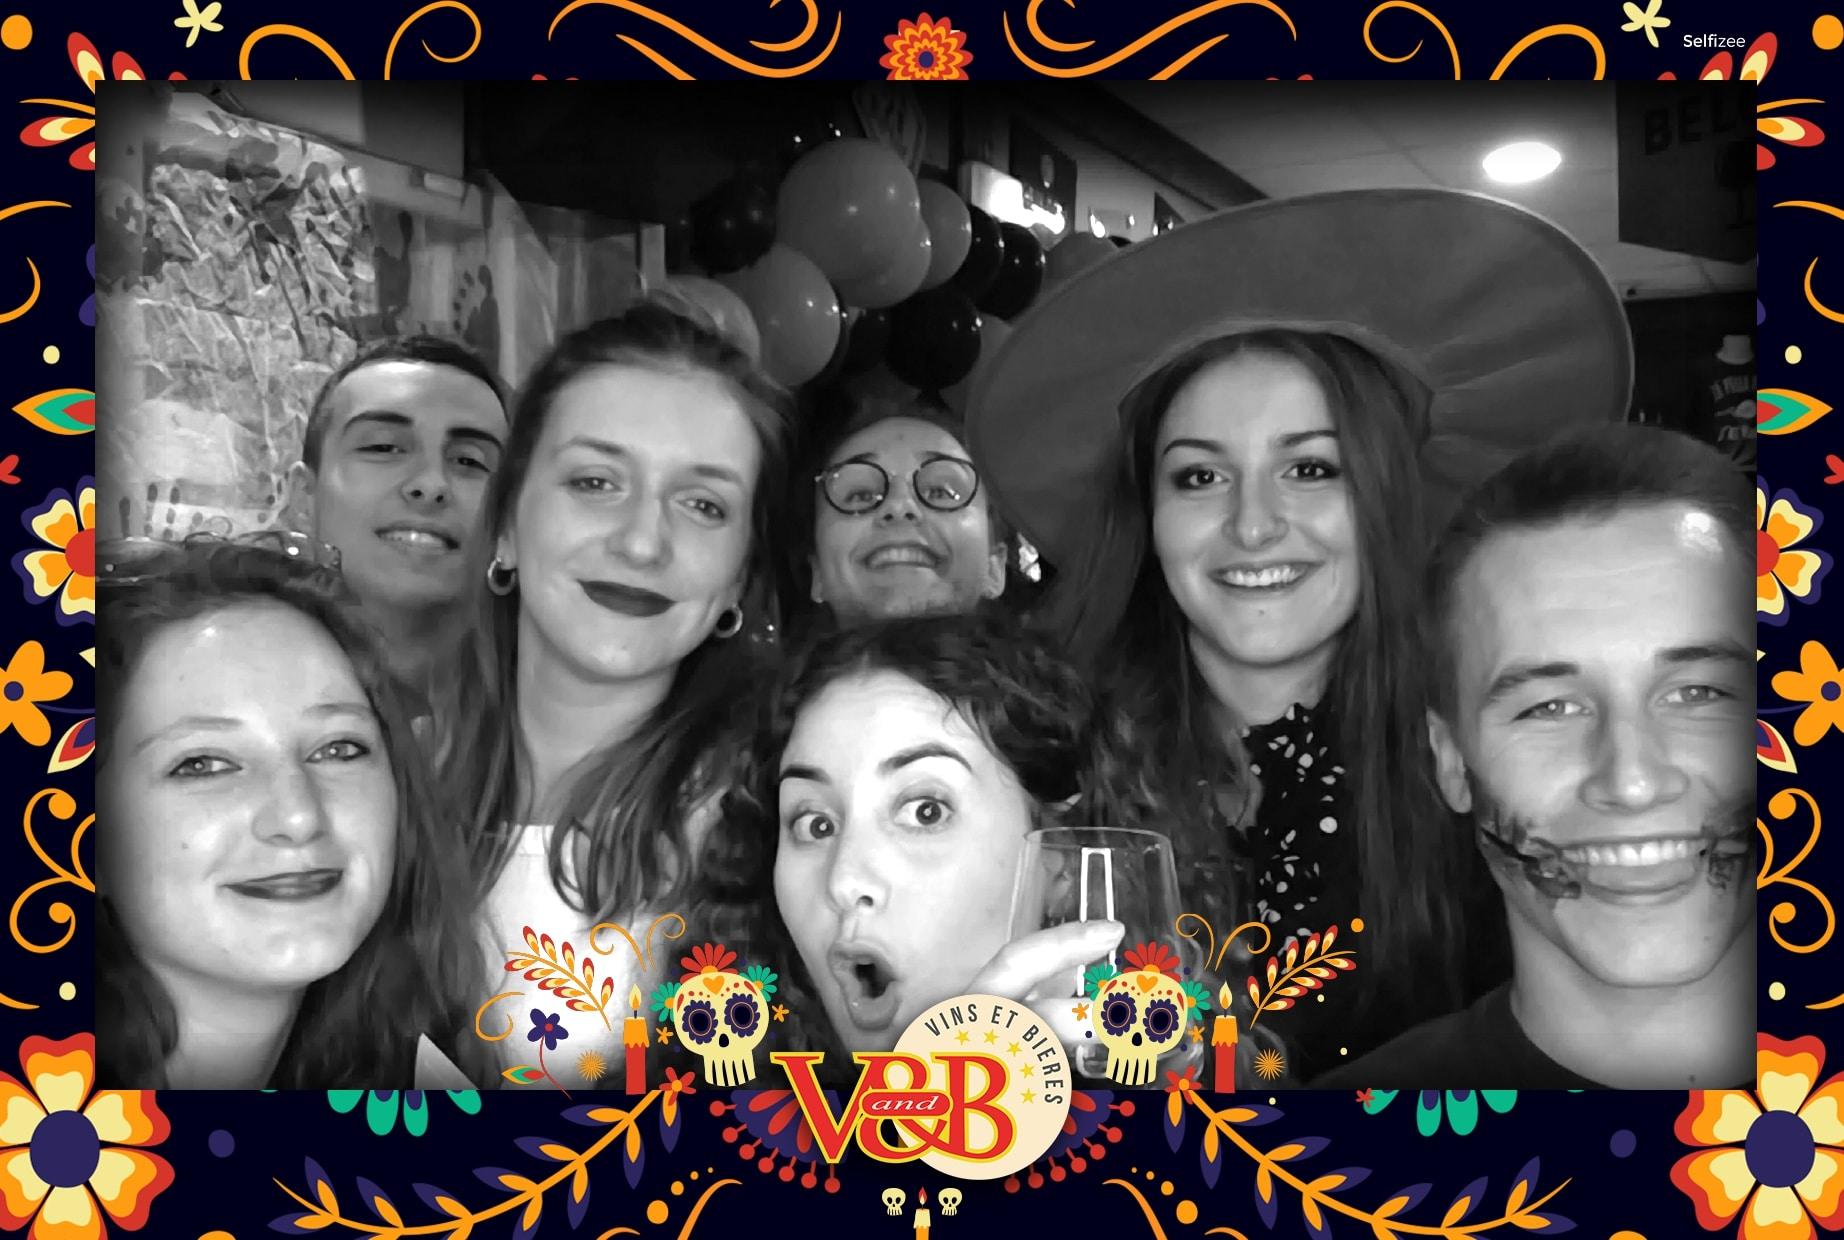 Borne selfie animation photo soirée Halloween au V and B Rochefort en 2019 - photobooth connecté avec imprimante à louer à Rochefort et en Charente Maritime